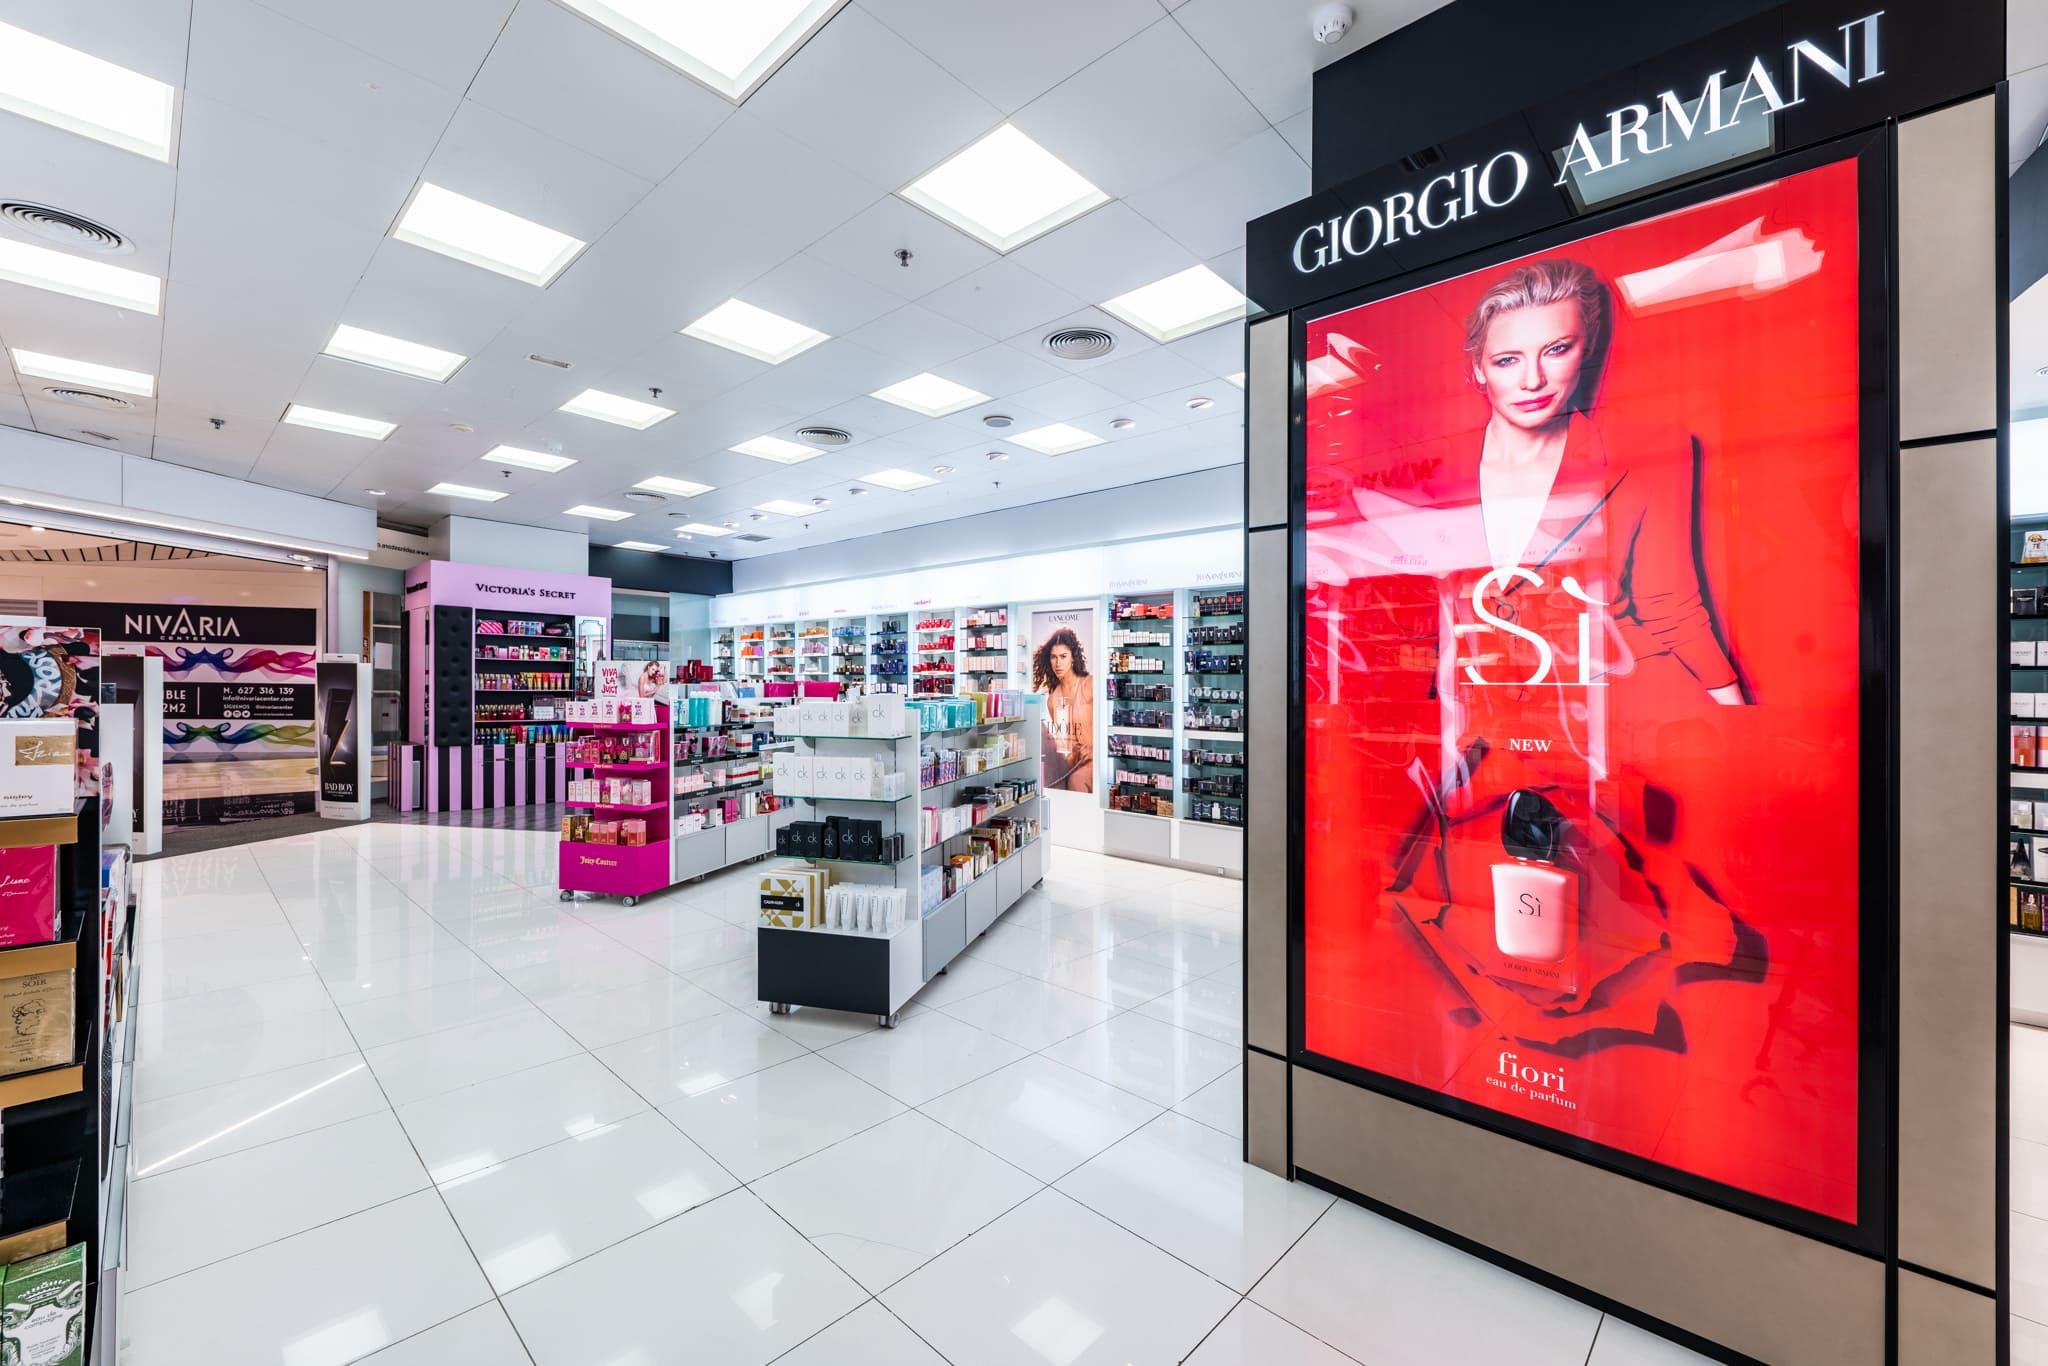 Imagen perfumería columna Armaní sí y fondo góndolas y perfumería